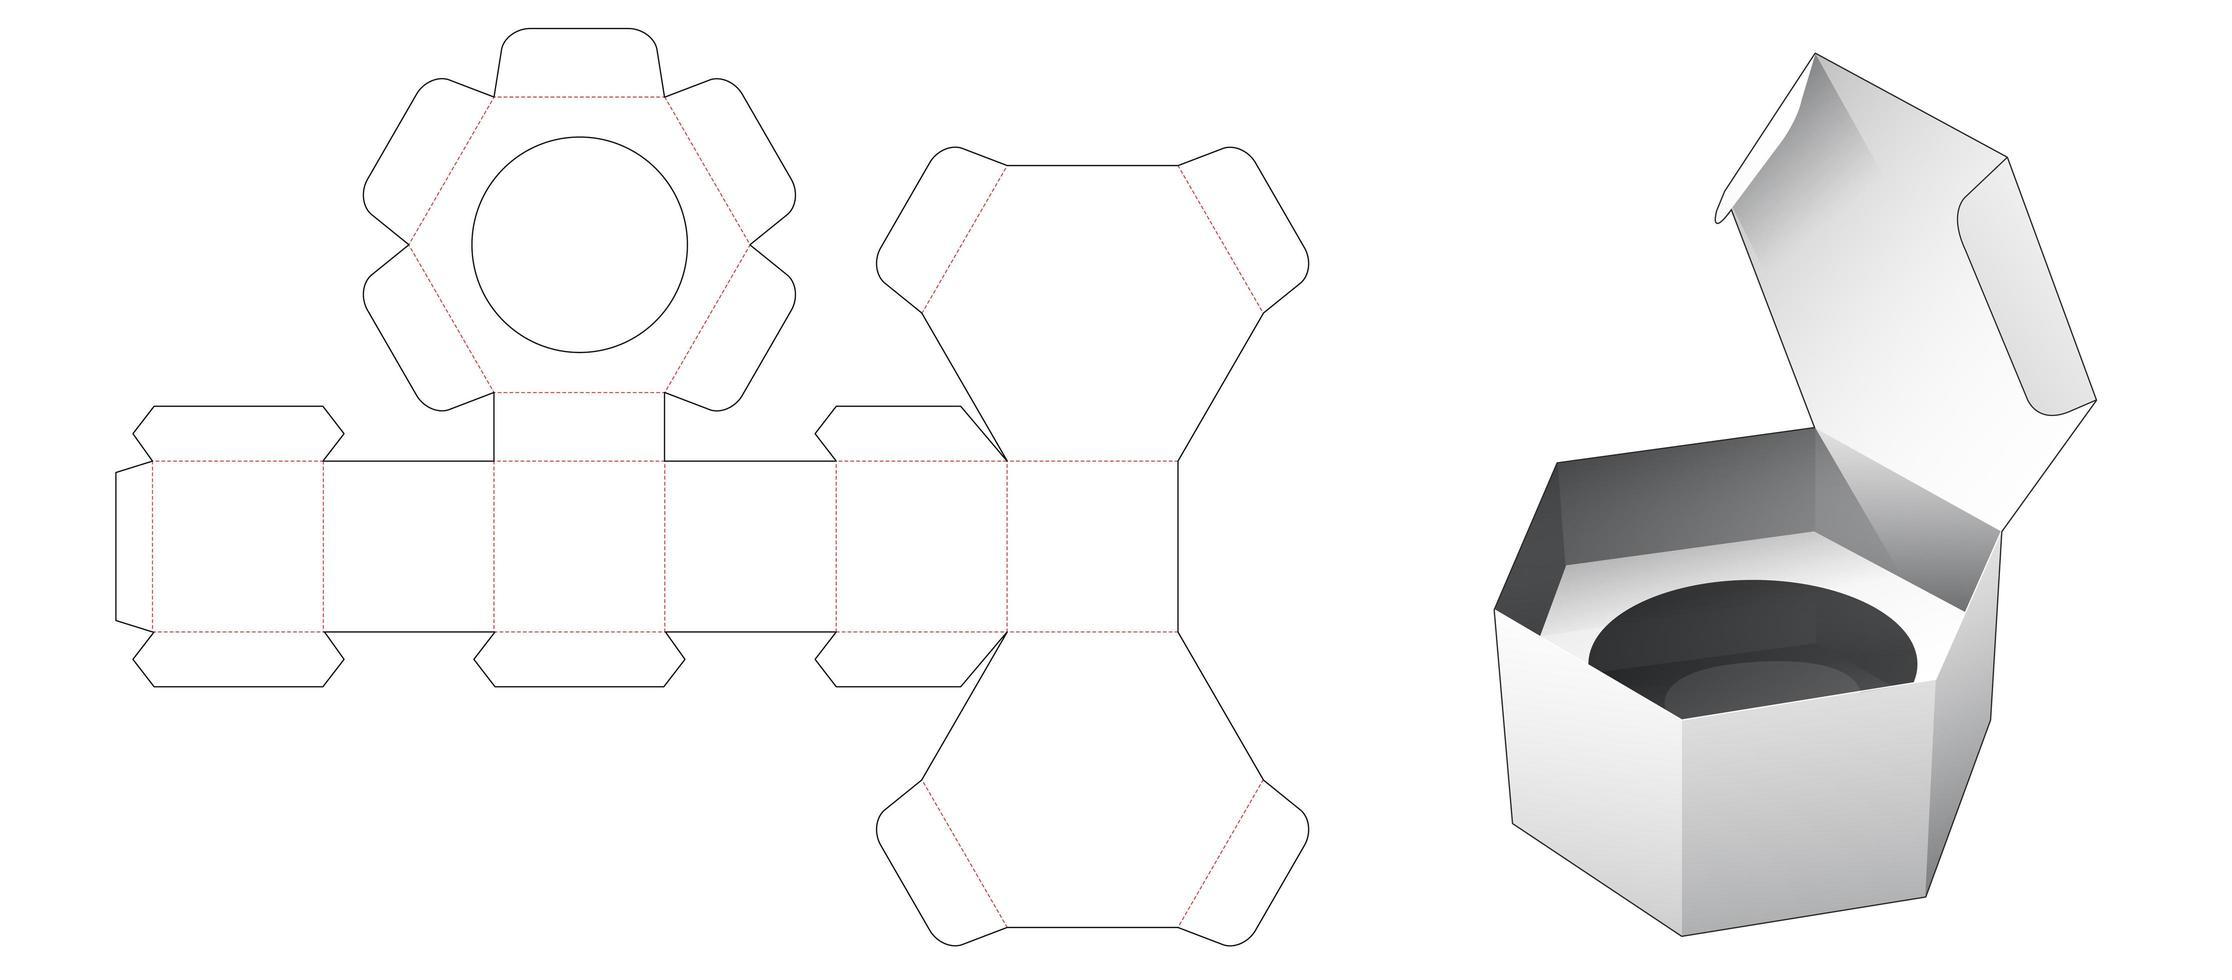 1 stuk kartonnen zeshoekige verpakkingsdoos met inlage vector